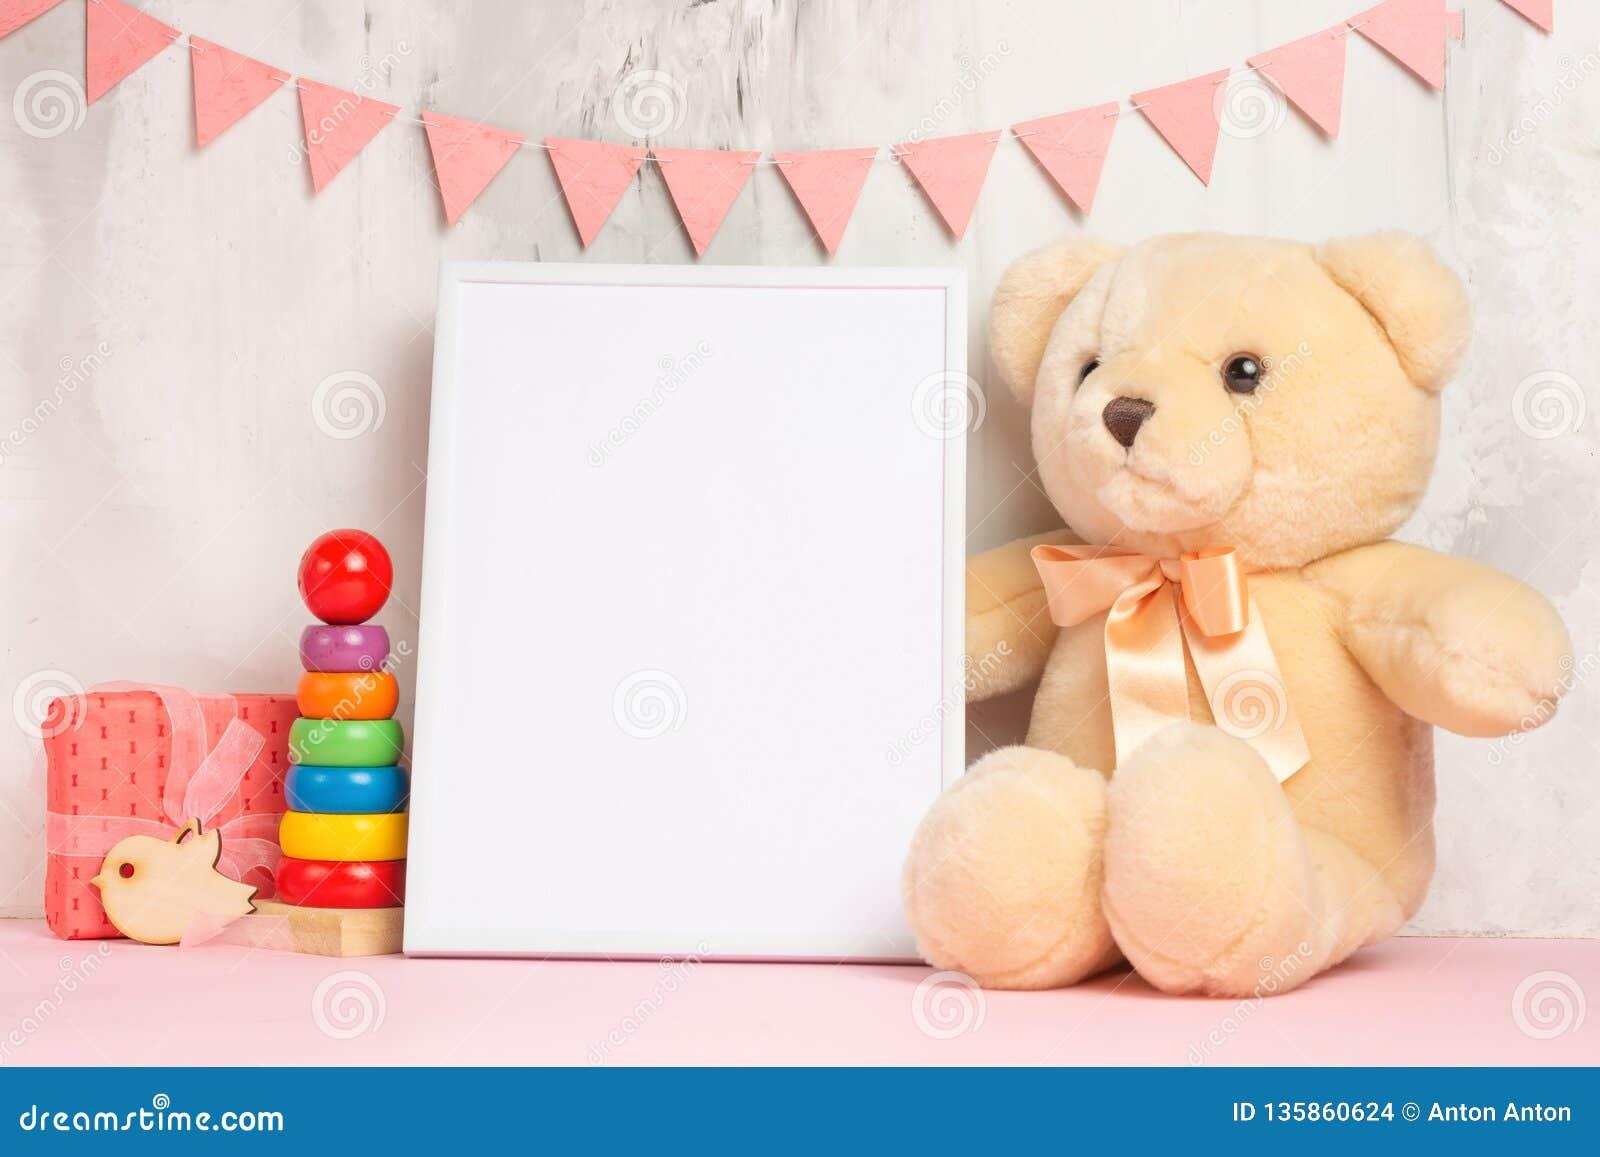 Brinquedos e quadro do bebê no fundo claro da parede, para o projeto Chuveiro de bebê